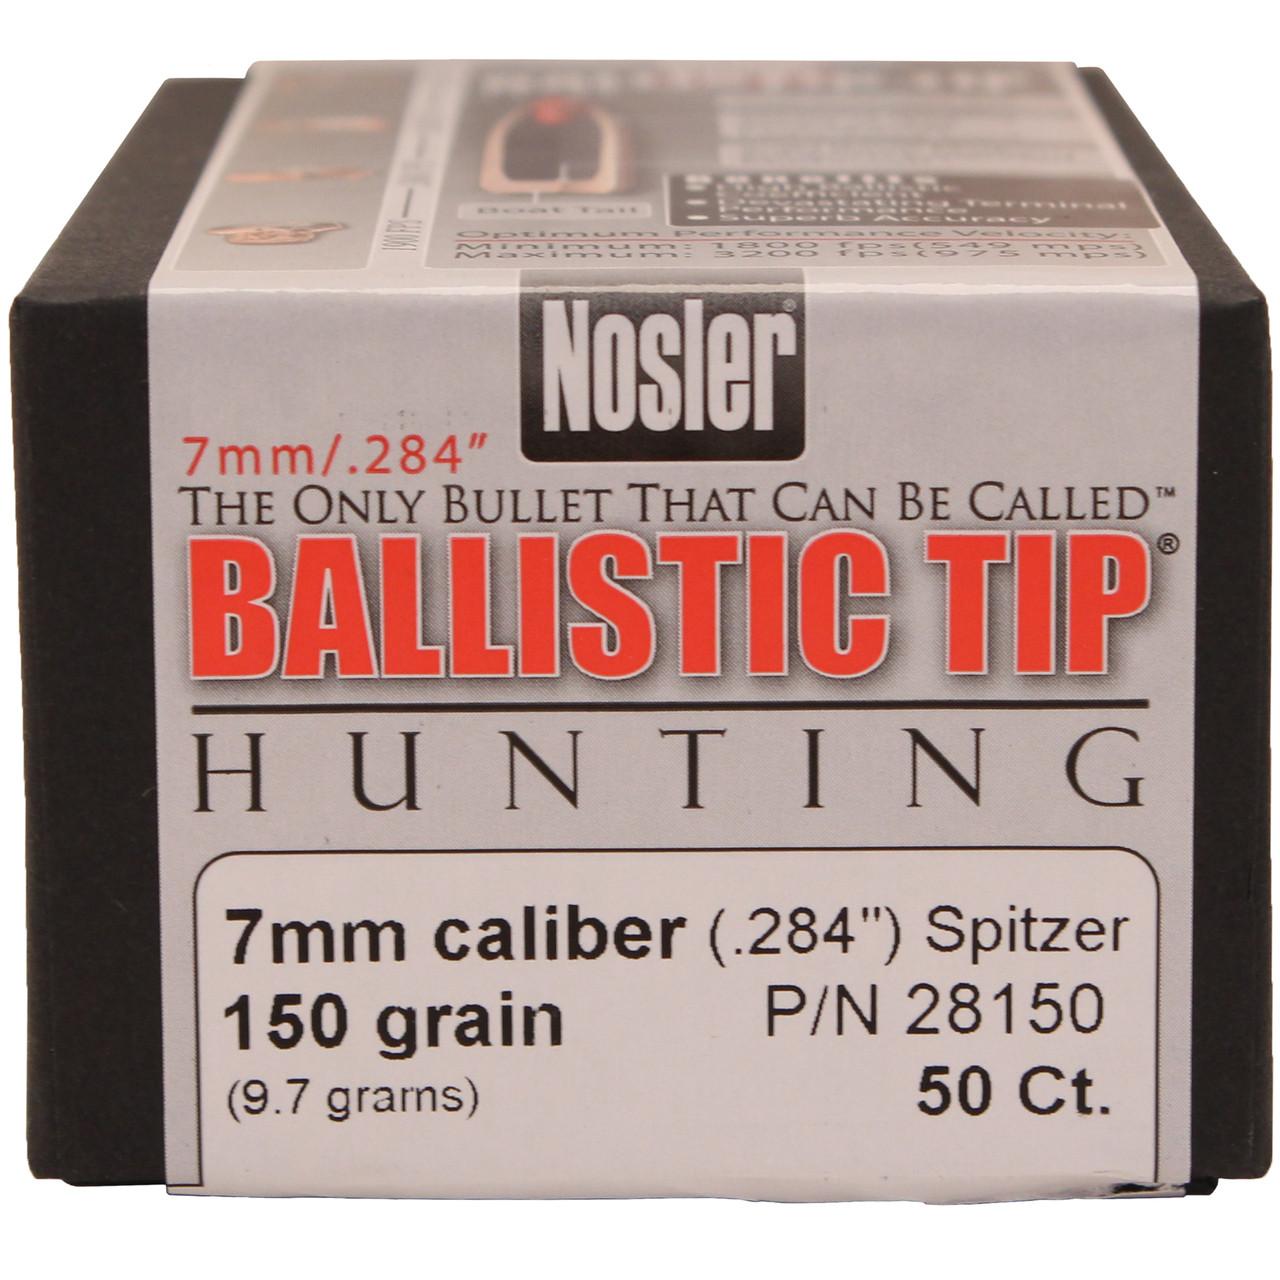 Nosler Ballistic Tip Hunting Bullets 284 Caliber, 7mm (284 Diameter) 150  Grain Spitzer Box of 50, UPC : 054041281508